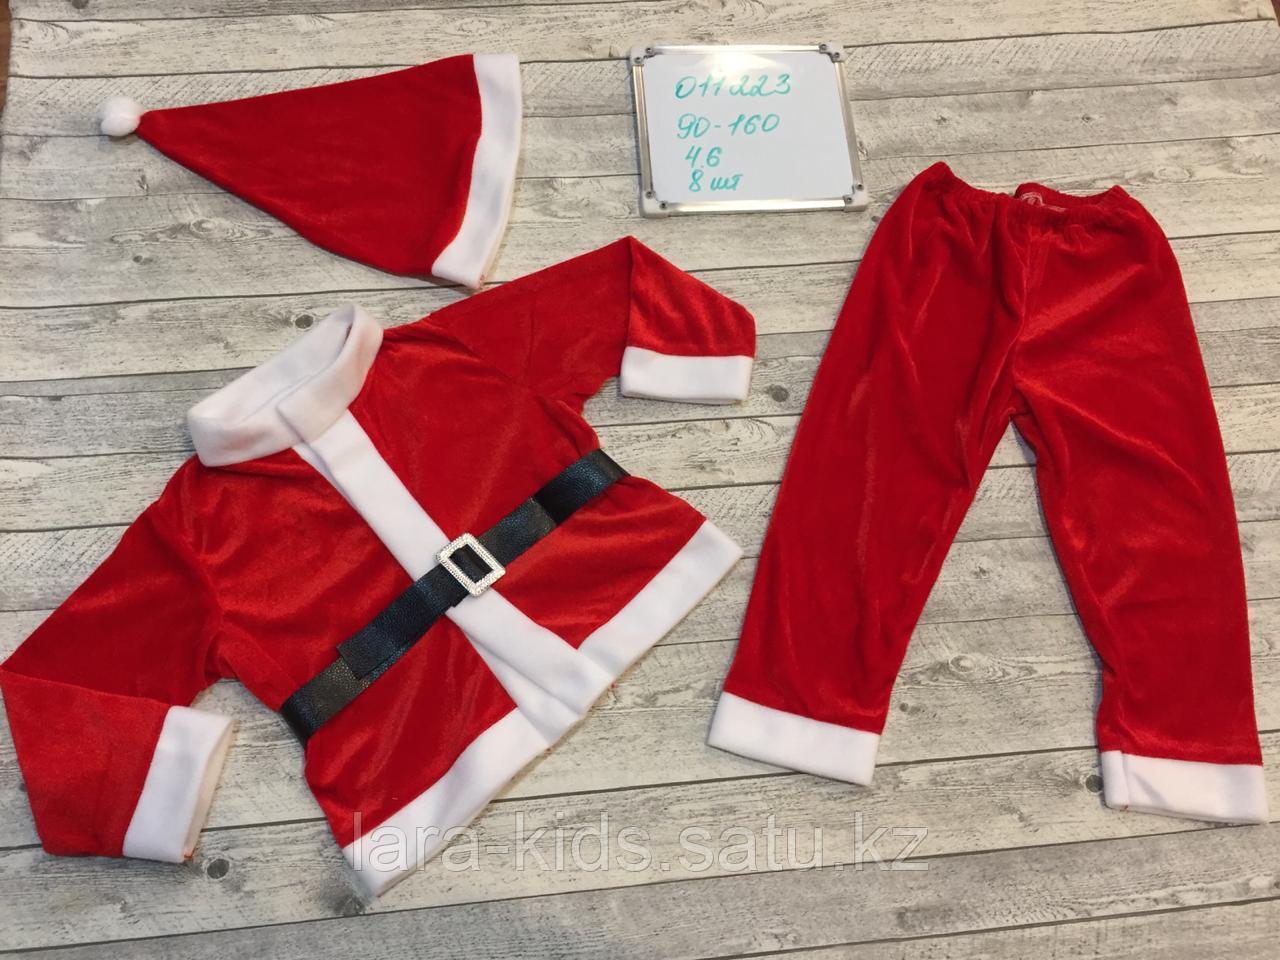 Маскарадный костюм Санта